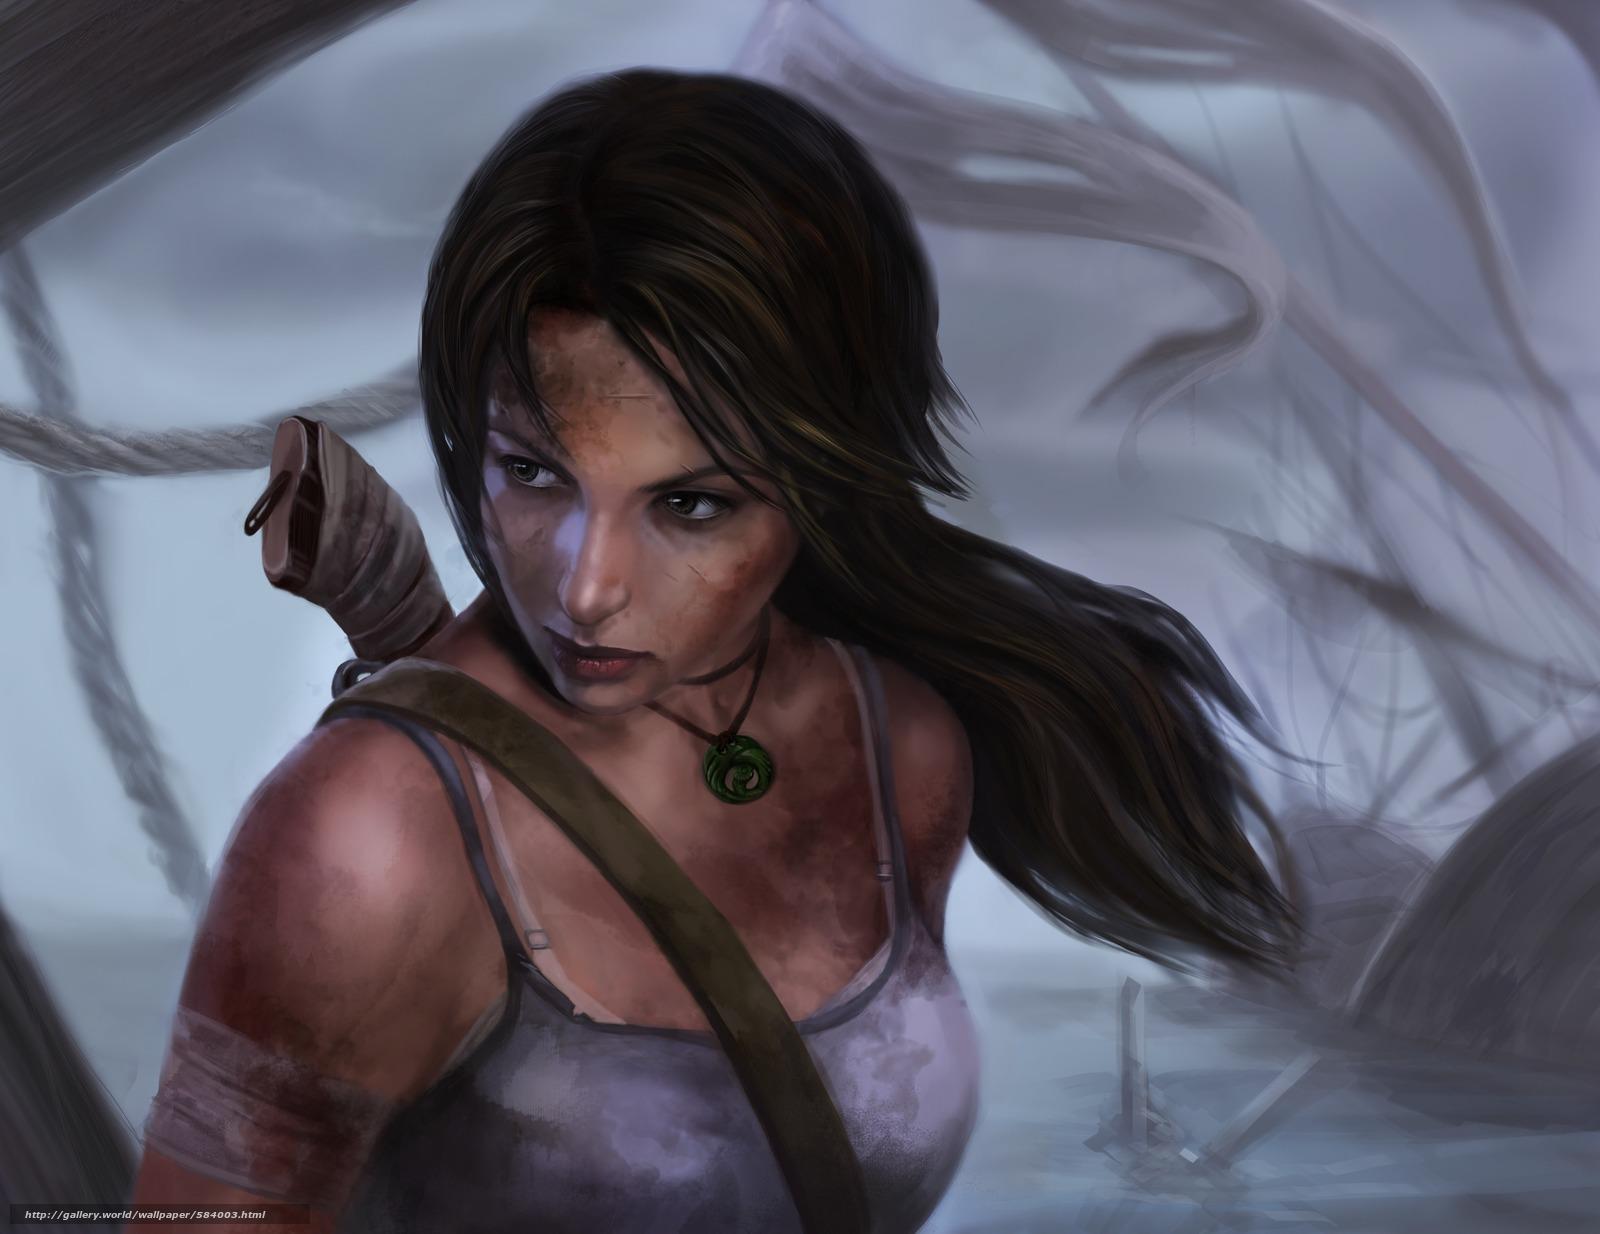 Lara croft hair sexual videos